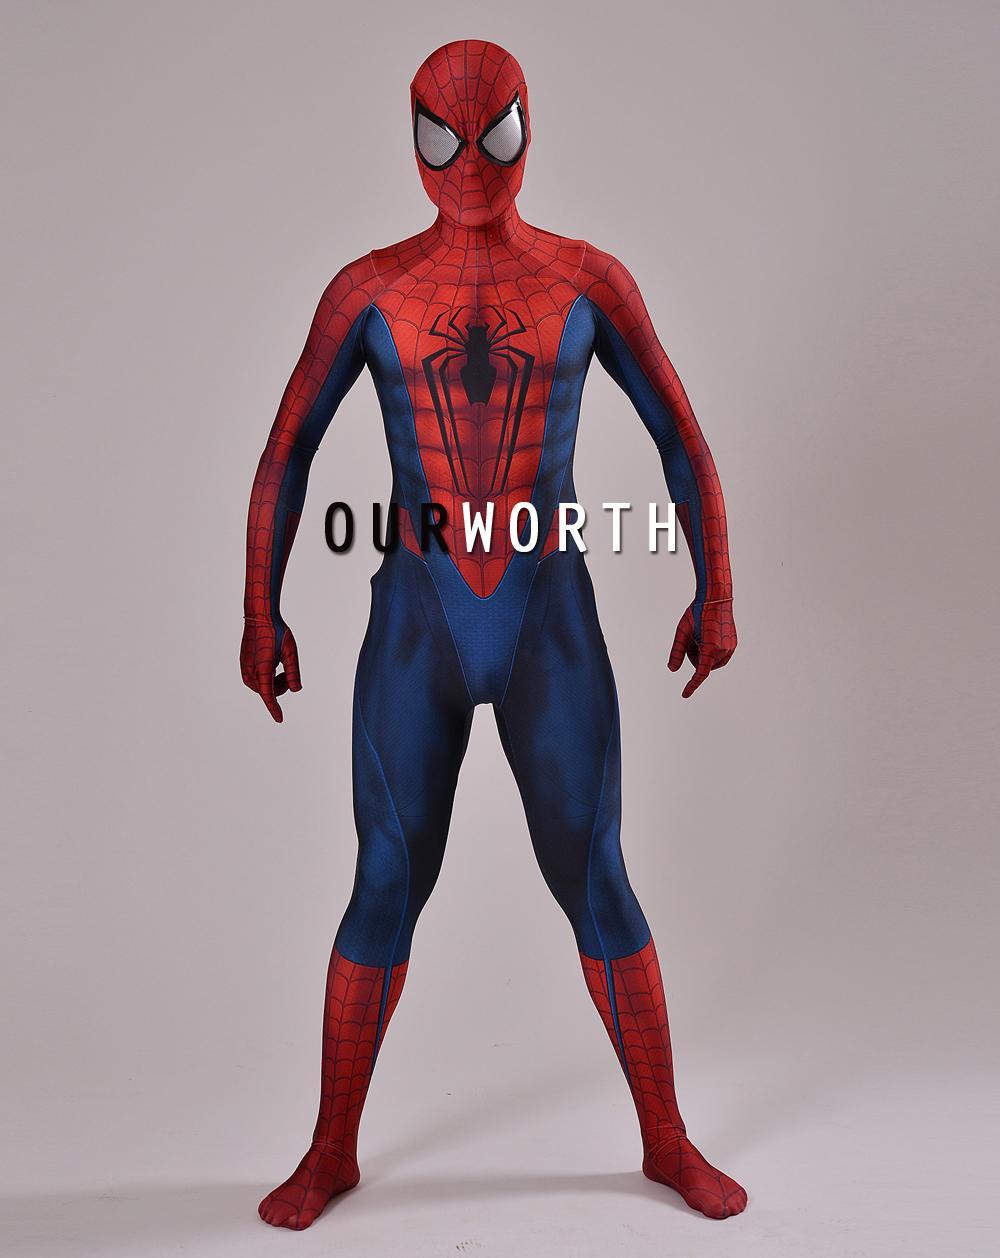 Acheter Costume Spider Man 3D Imprimer Spiderman Cosplay Costume Z  Costume Spandex Homme Costume Super Héros Comique Fait Sur Mesure De $69.82  Du avec Tete Spiderman A Imprimer